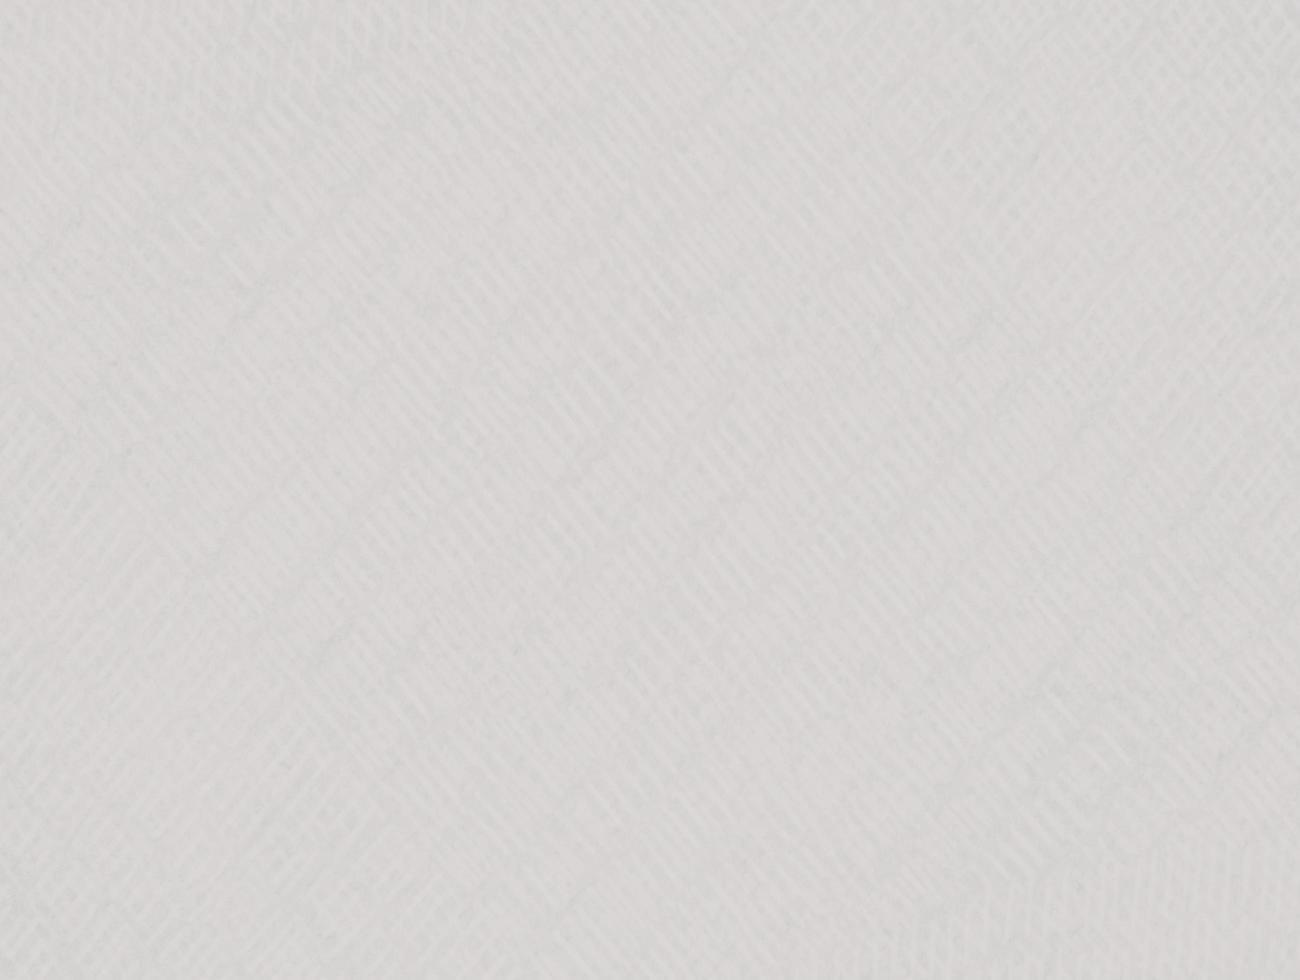 texture de mur de béton abstrait photo